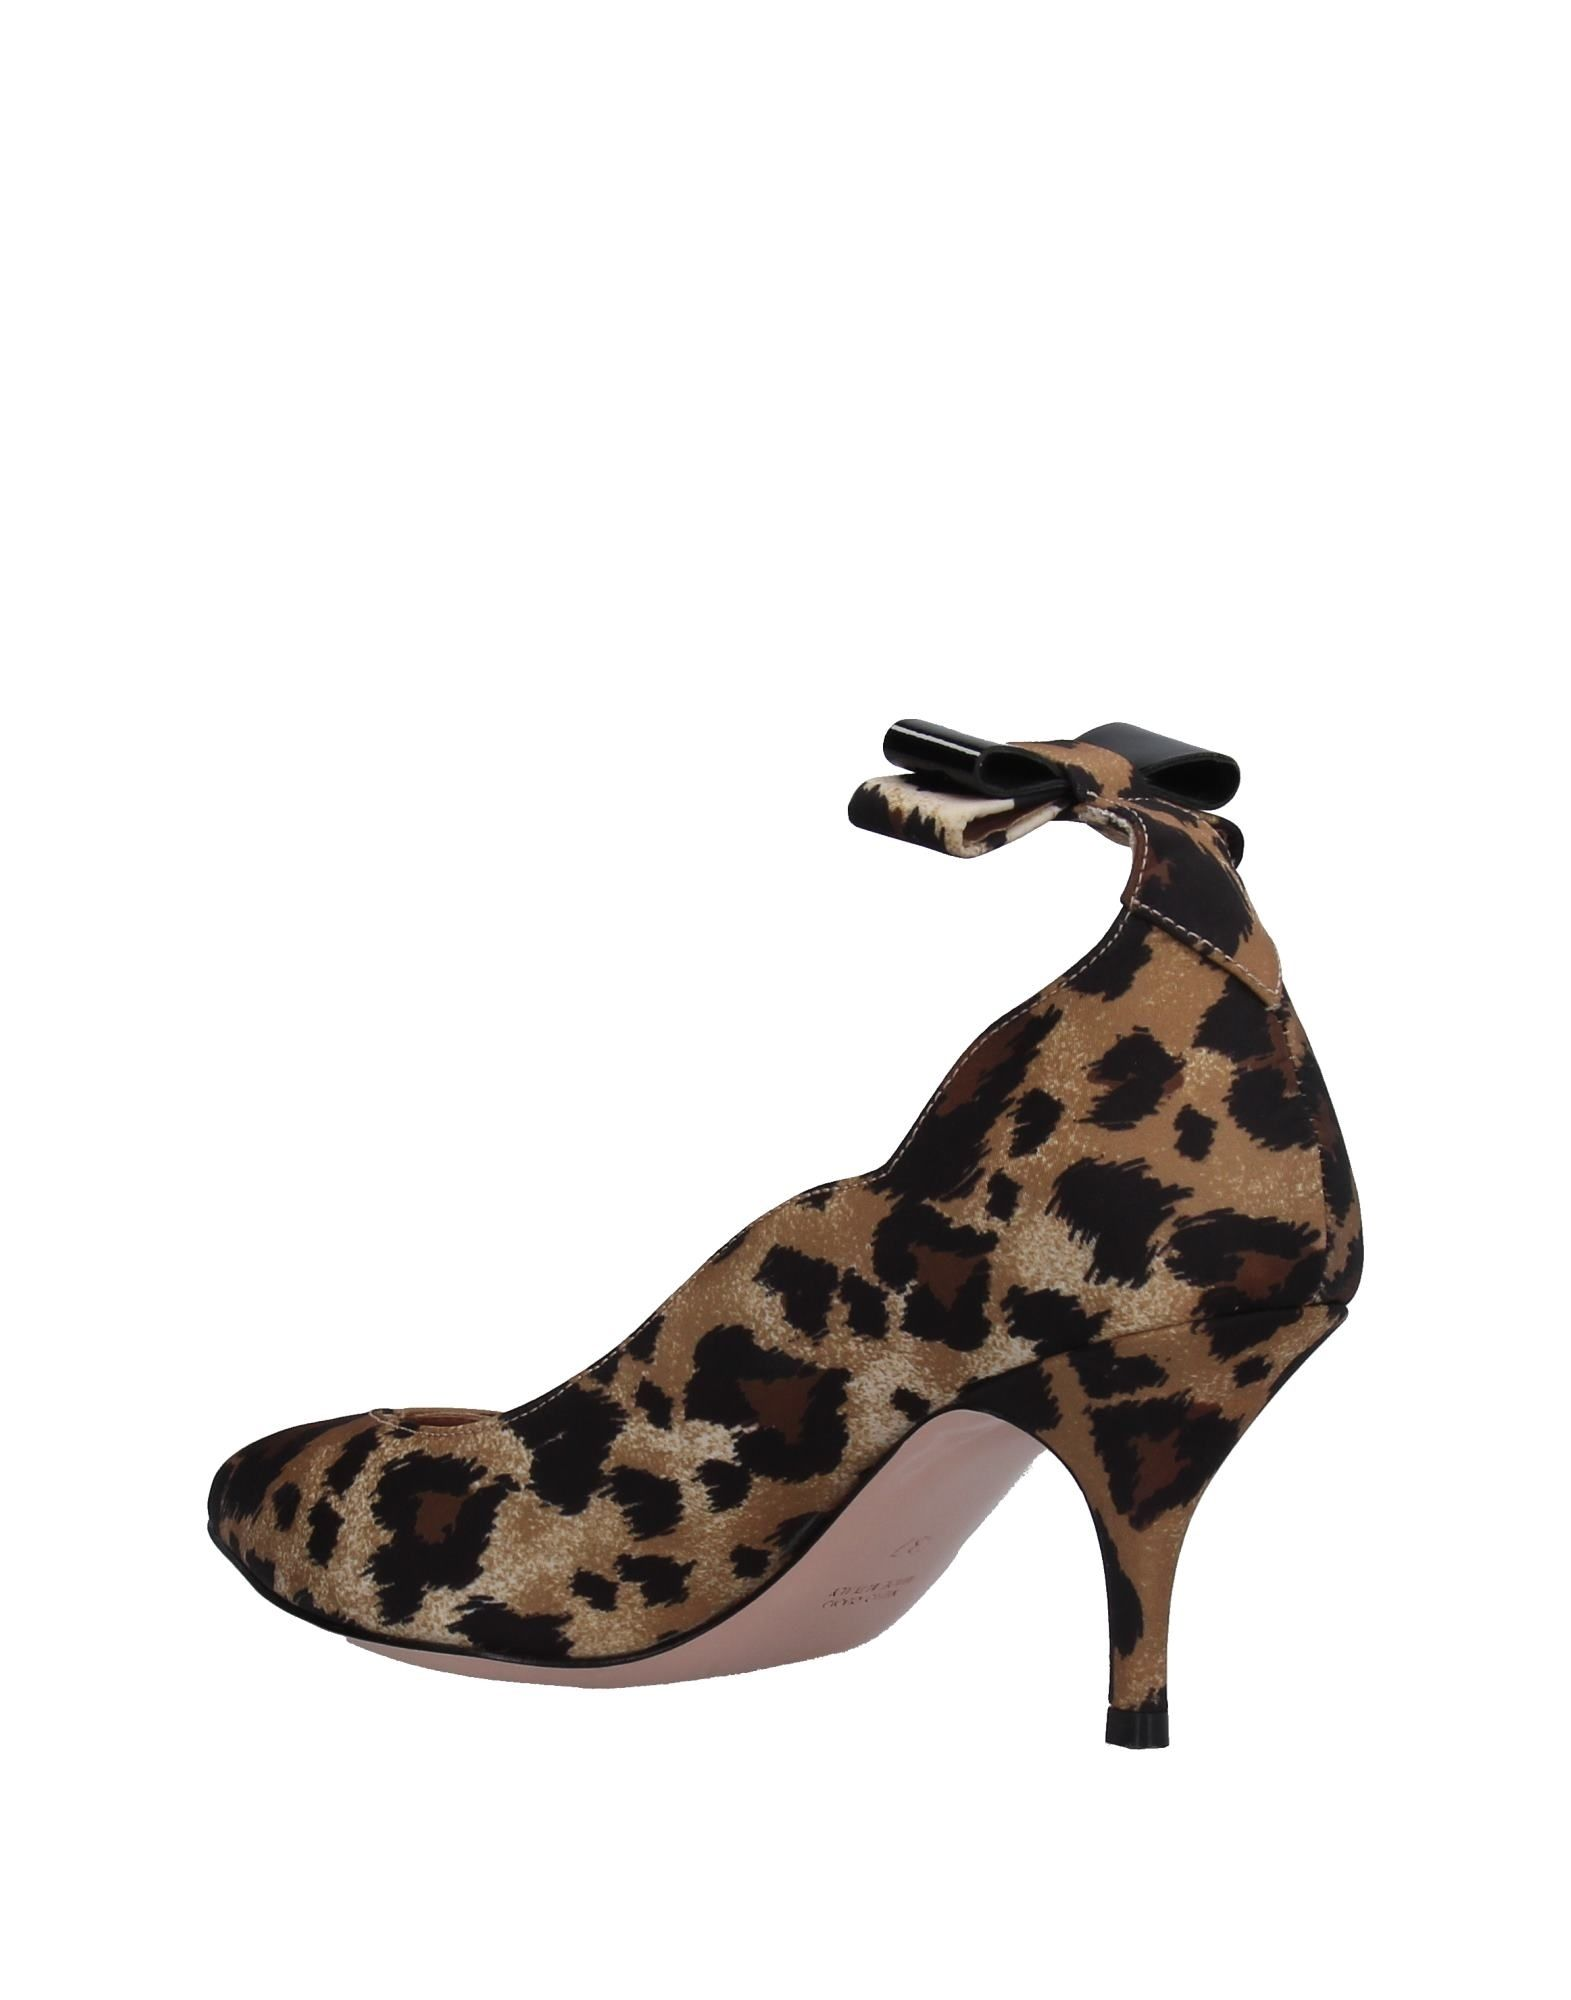 Stilvolle billige Schuhe Damen ROT(V) Pumps Damen Schuhe  11211916IP 0f44d8